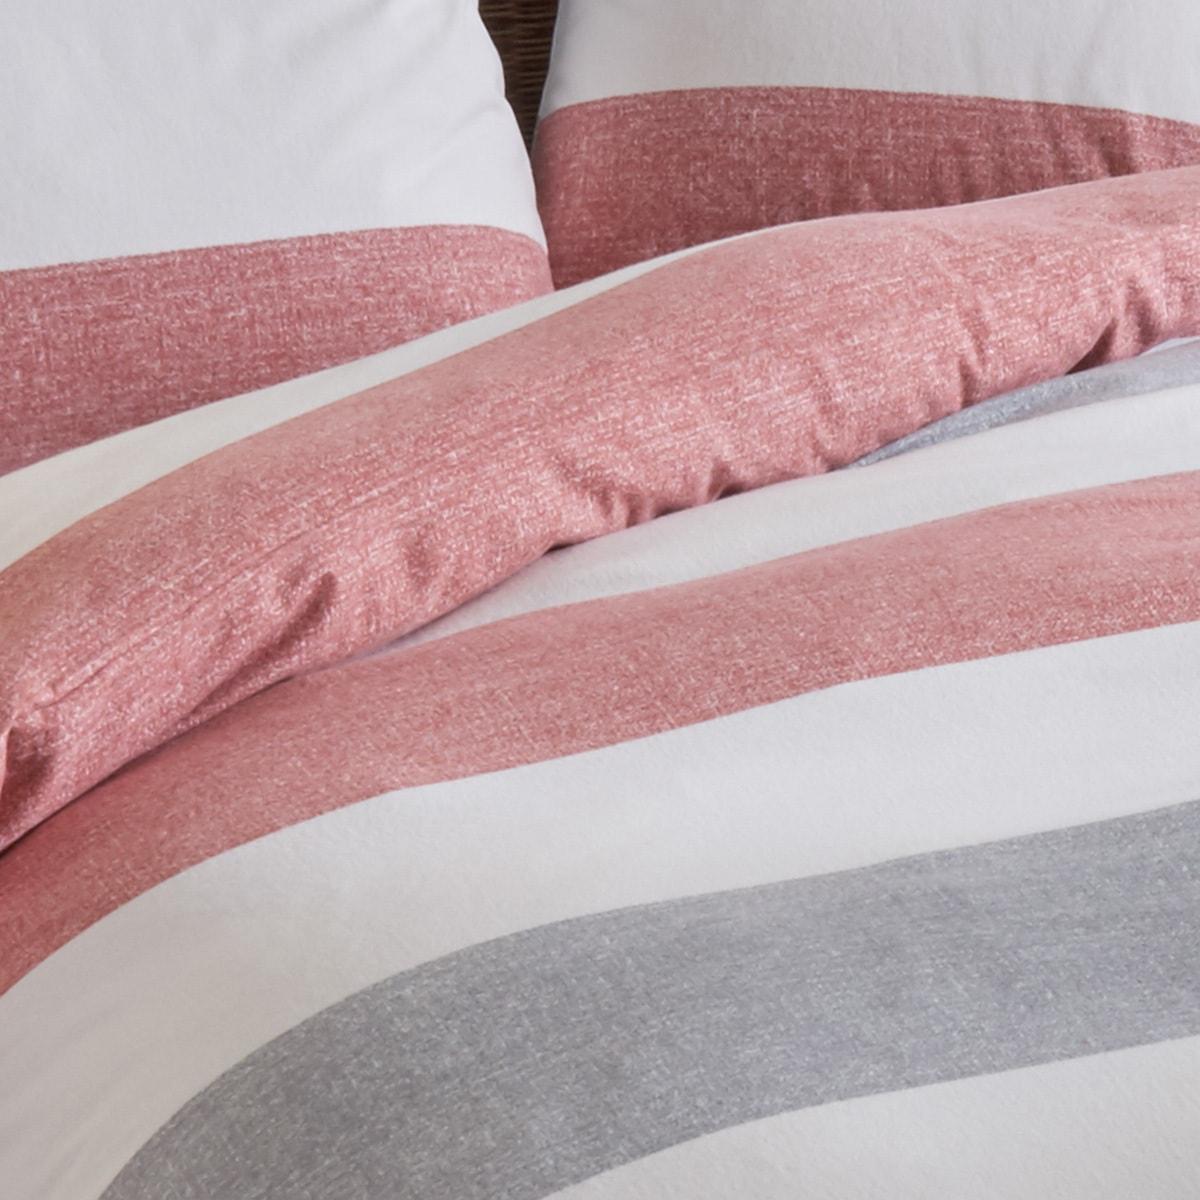 traumschlaf bettw sche biber streifen rot g nstig online. Black Bedroom Furniture Sets. Home Design Ideas